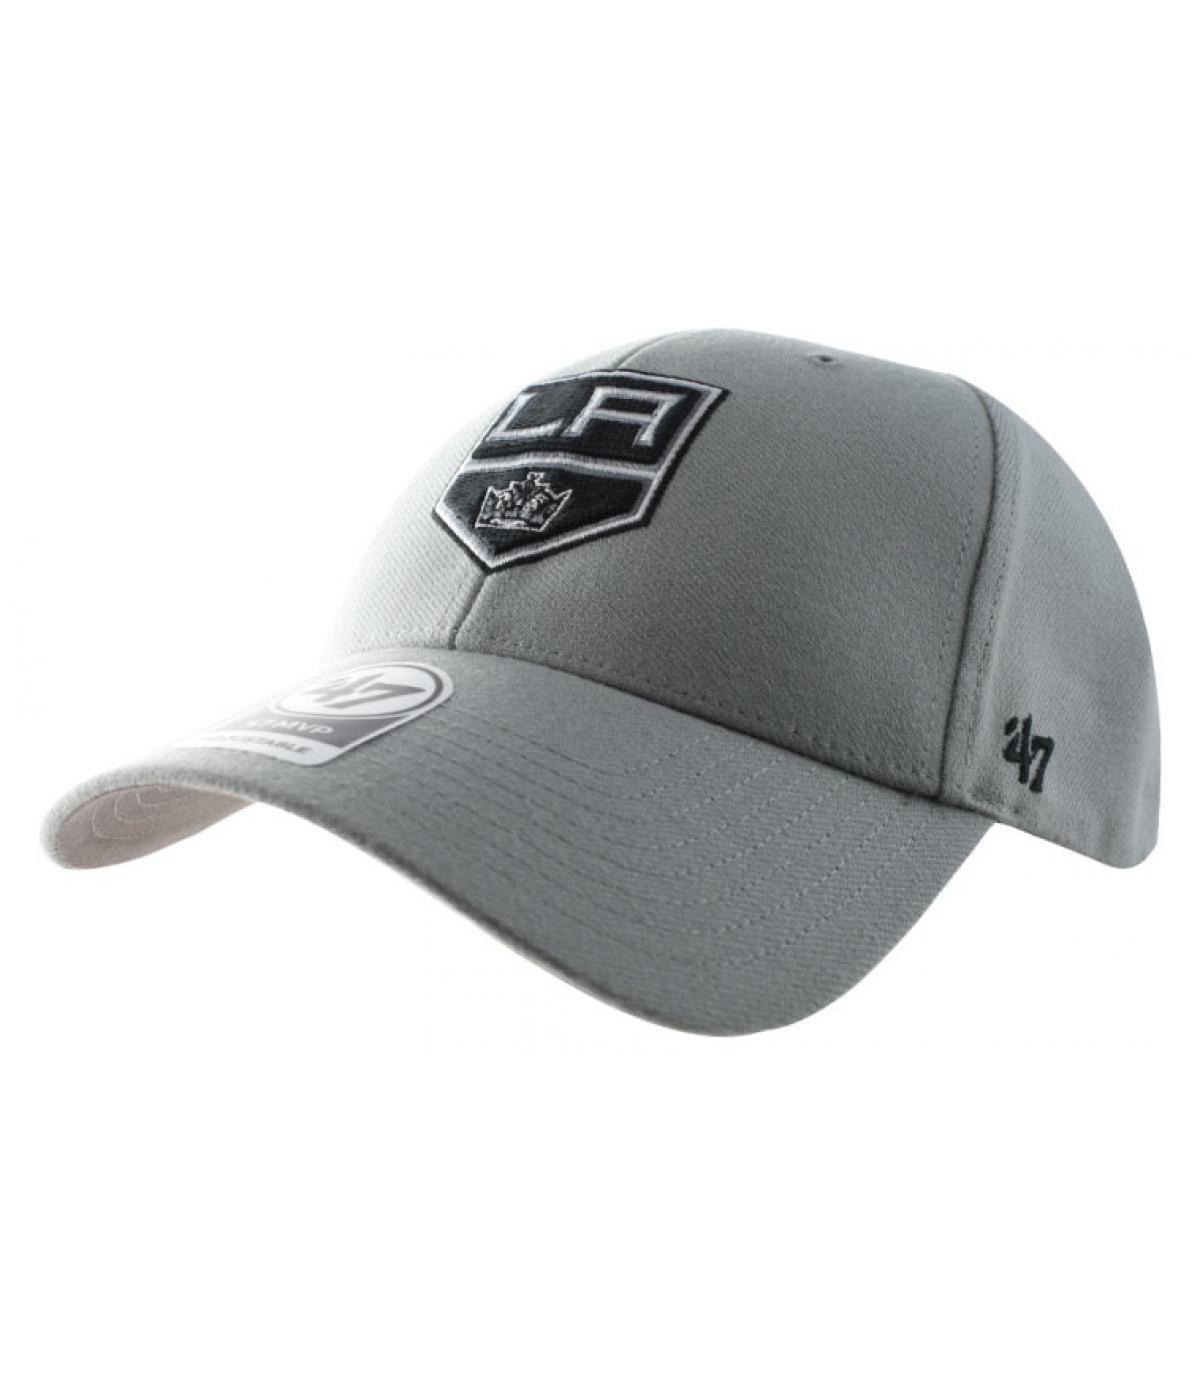 Detalles MVP LA Kings grey imagen 2